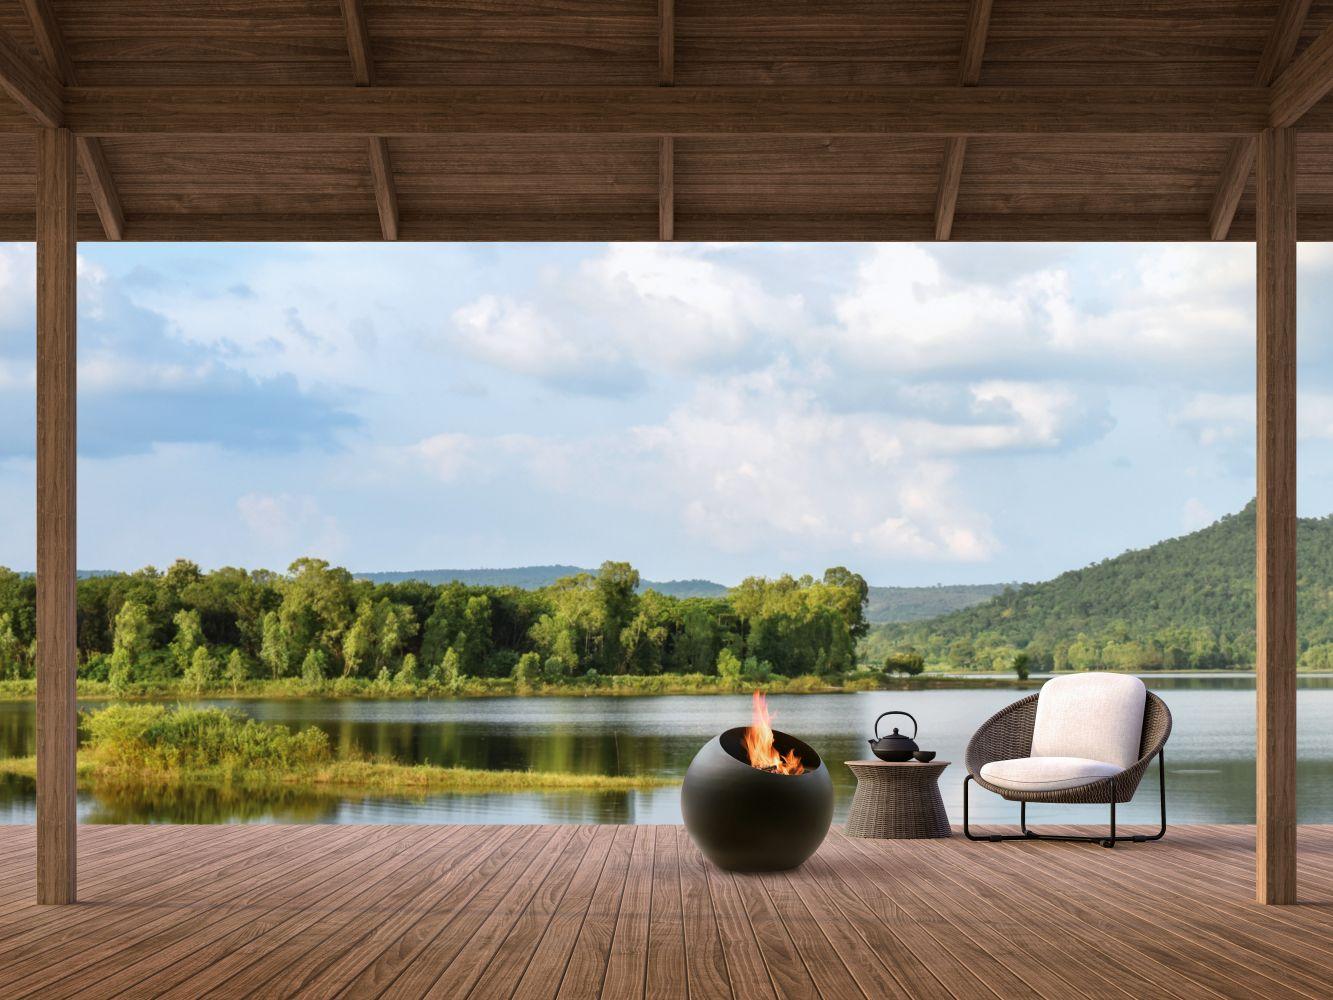 Tuinhaard Bubble. Focus Outdoor. Design voor tuin en terras #buitenhaard #tuinhaard #bubble #focus #outdoor